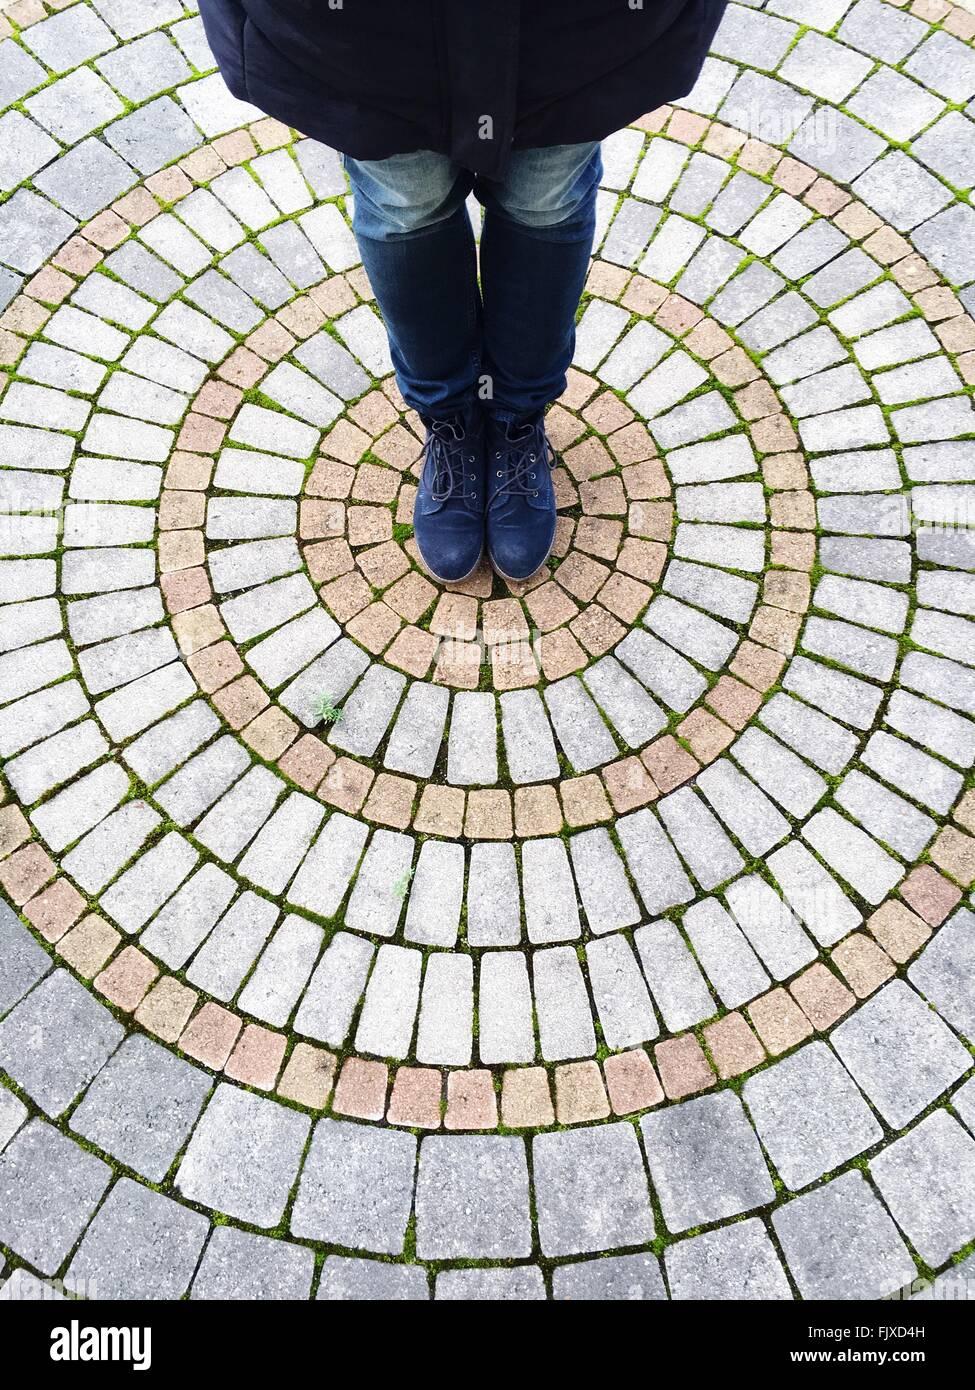 Sezione bassa della persona in piedi sulla strada Immagini Stock